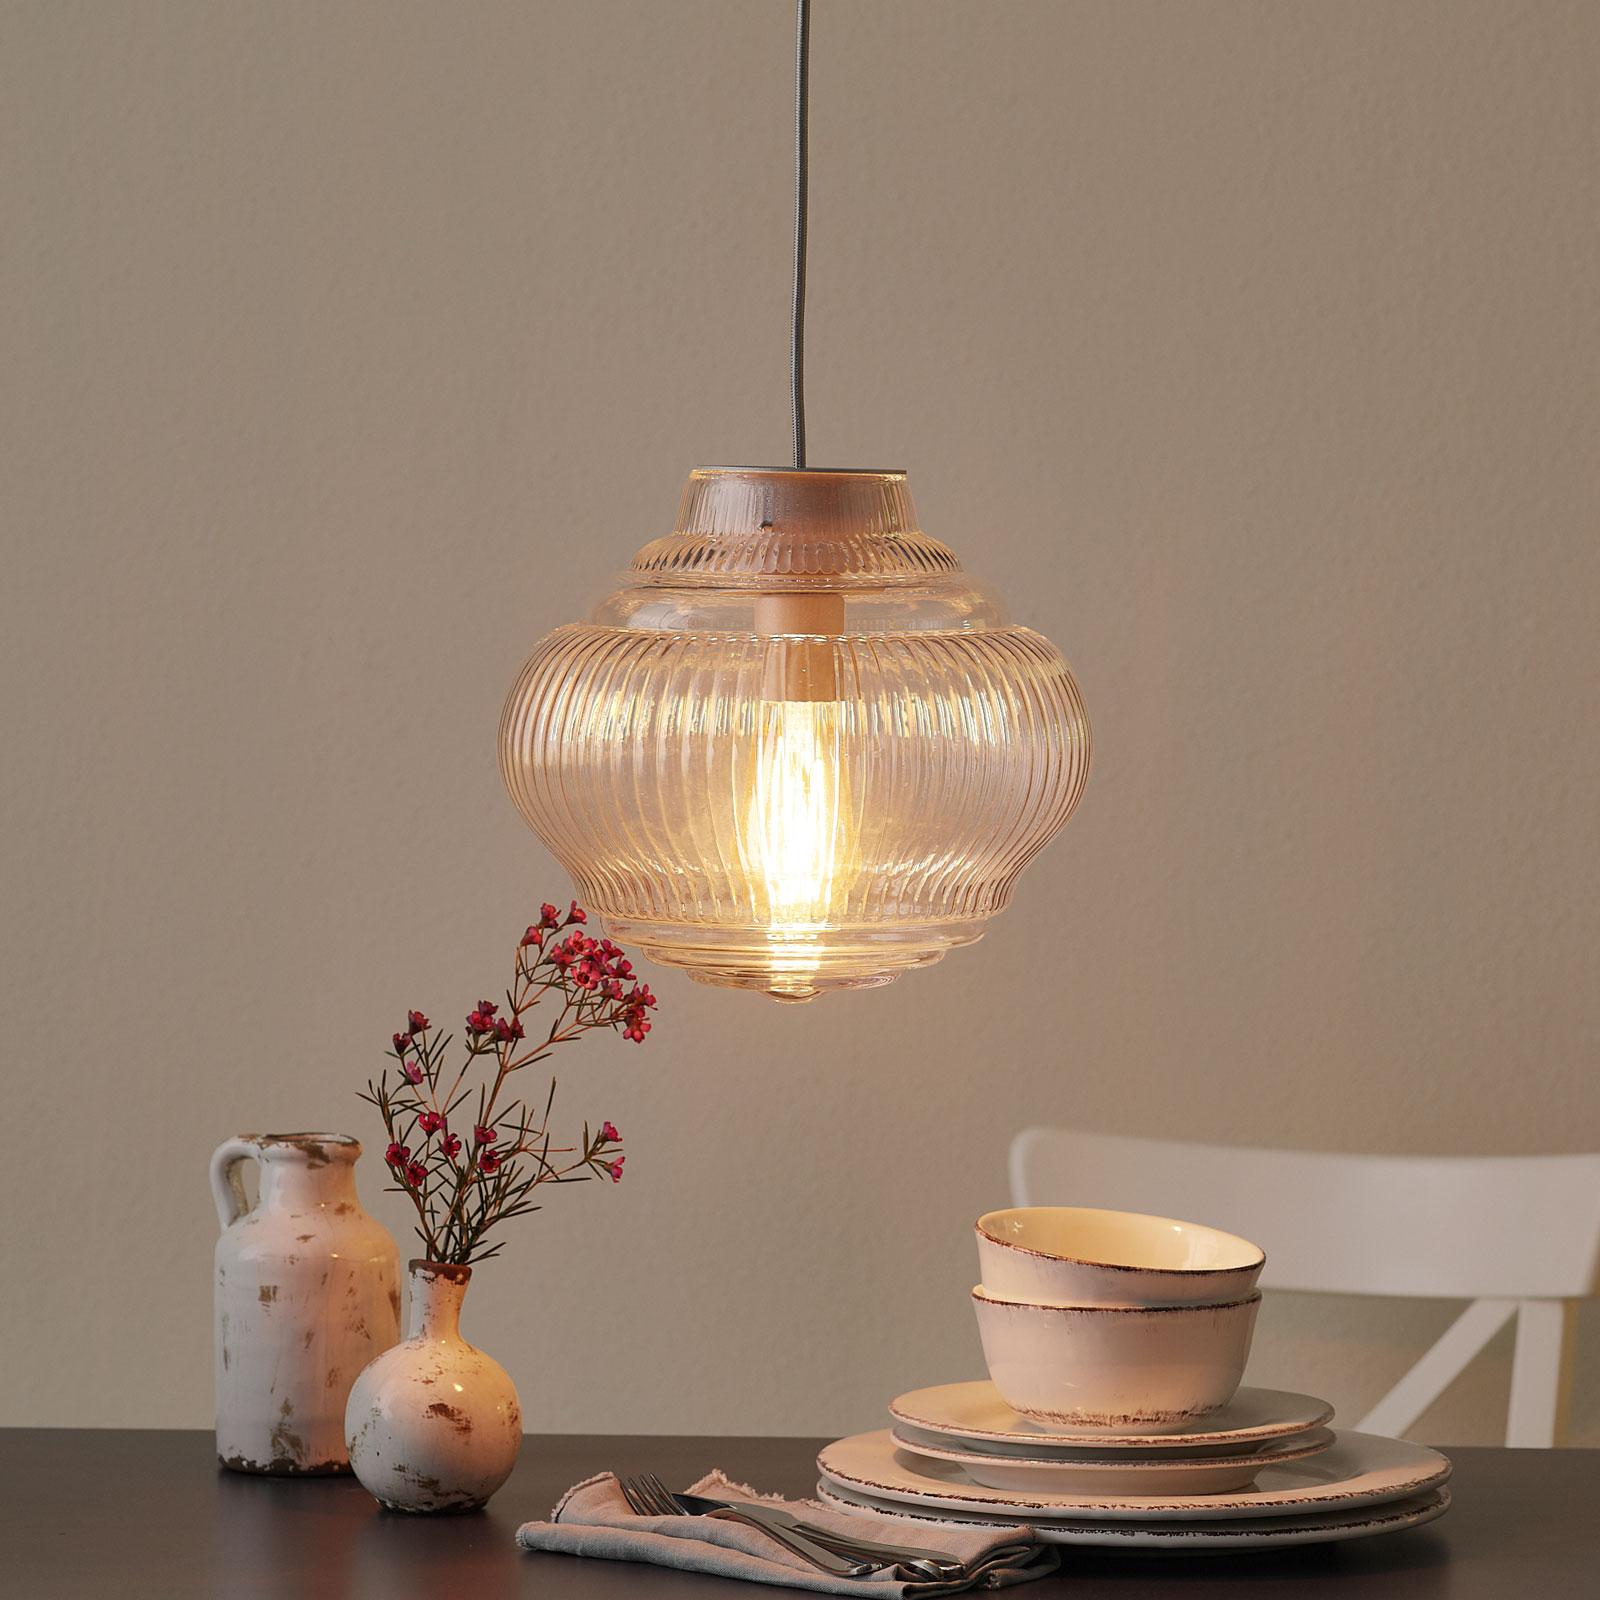 Lampa wisząca Bonnie 130 cm przezroczysta